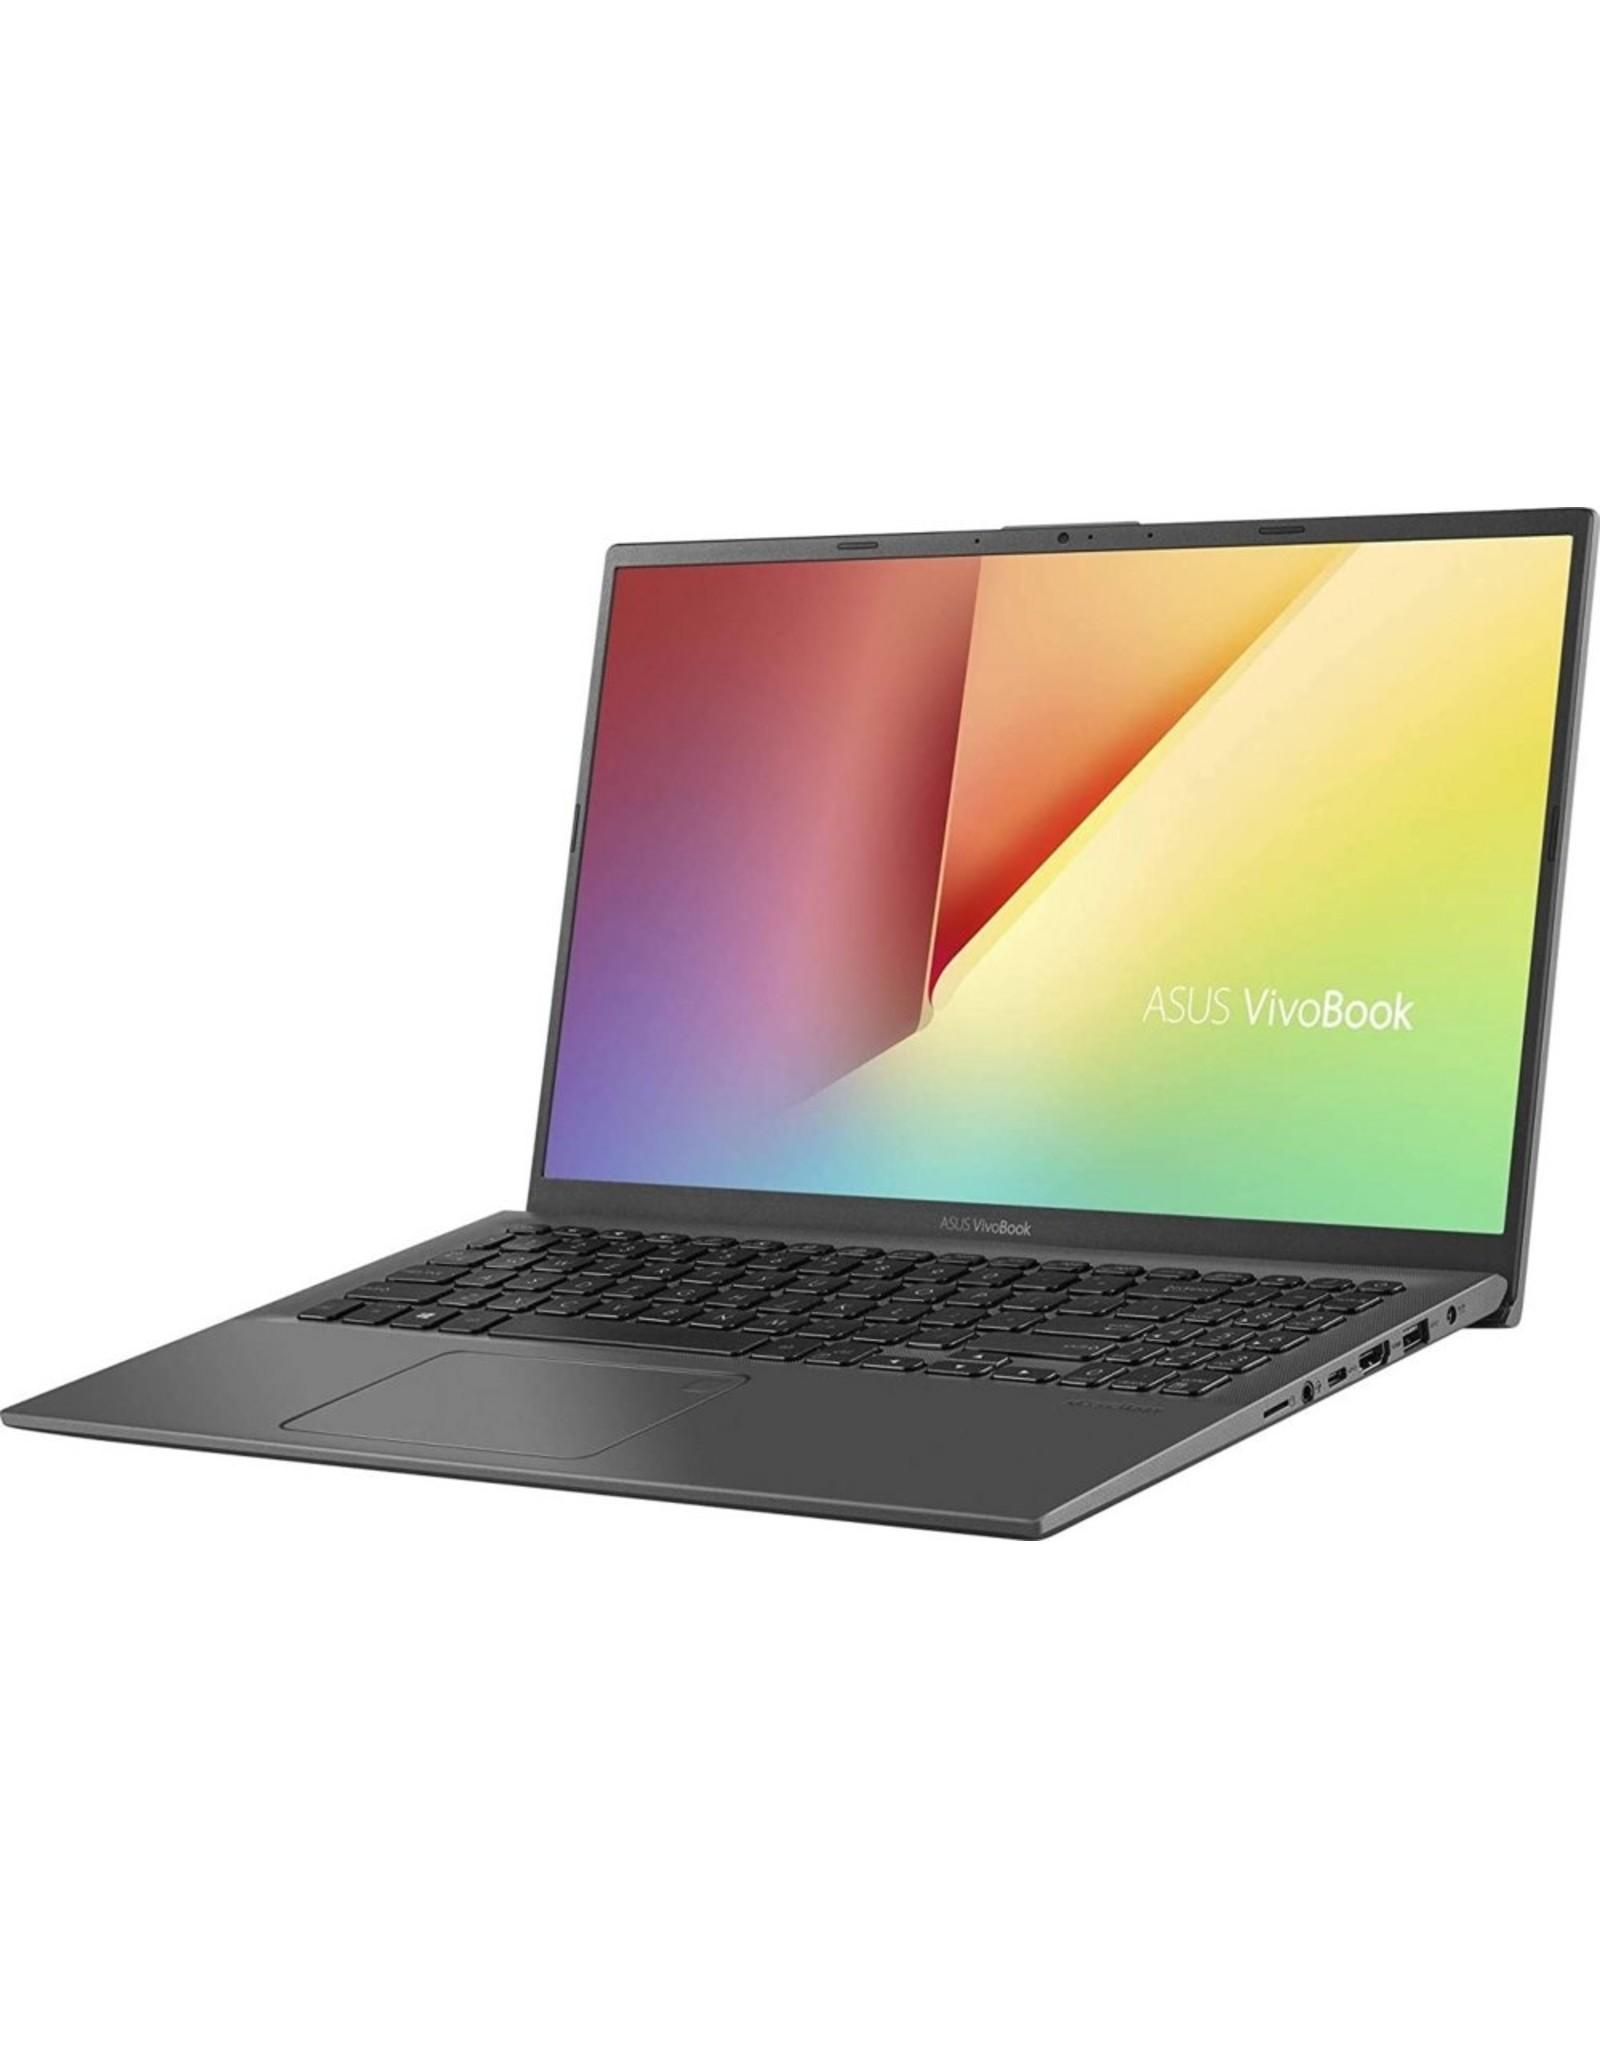 Asus ASUS R564JA 15.6 F-HD TOUCH I5 1035G1 /8GB /256GB SSD W10